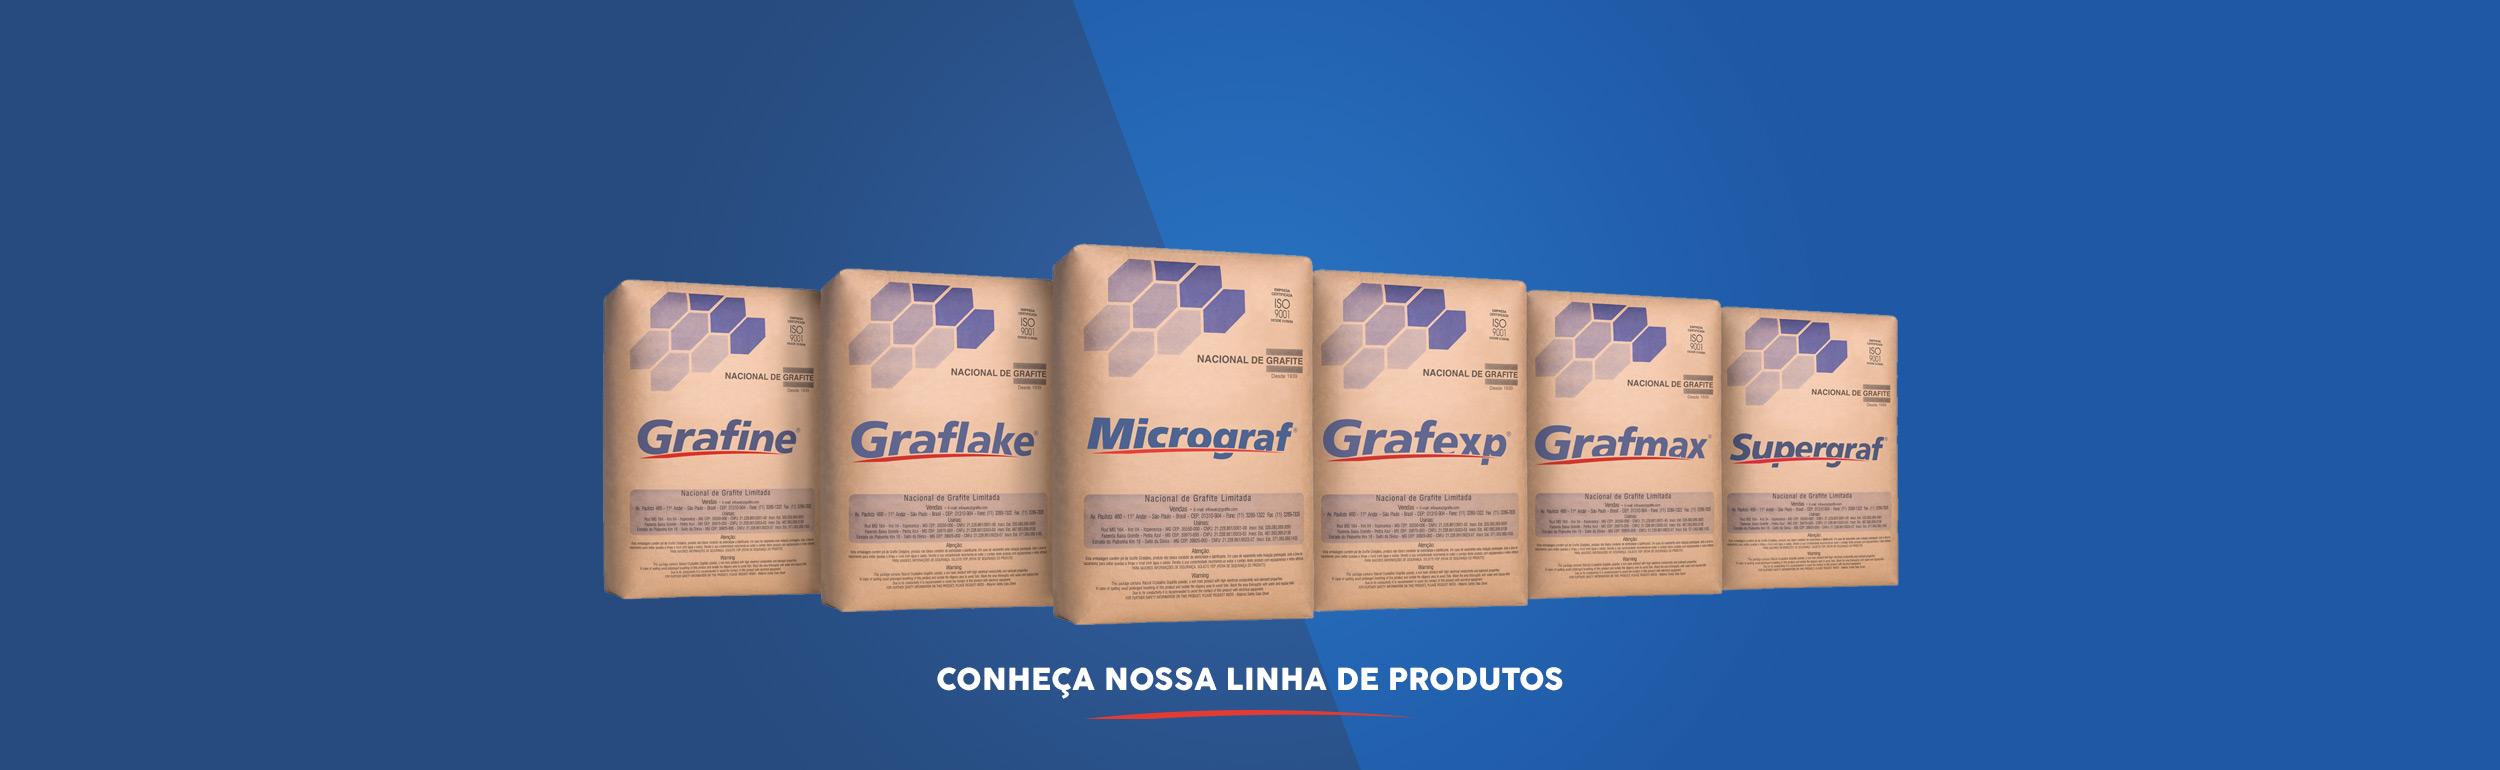 produtos-nacional-de-grafite